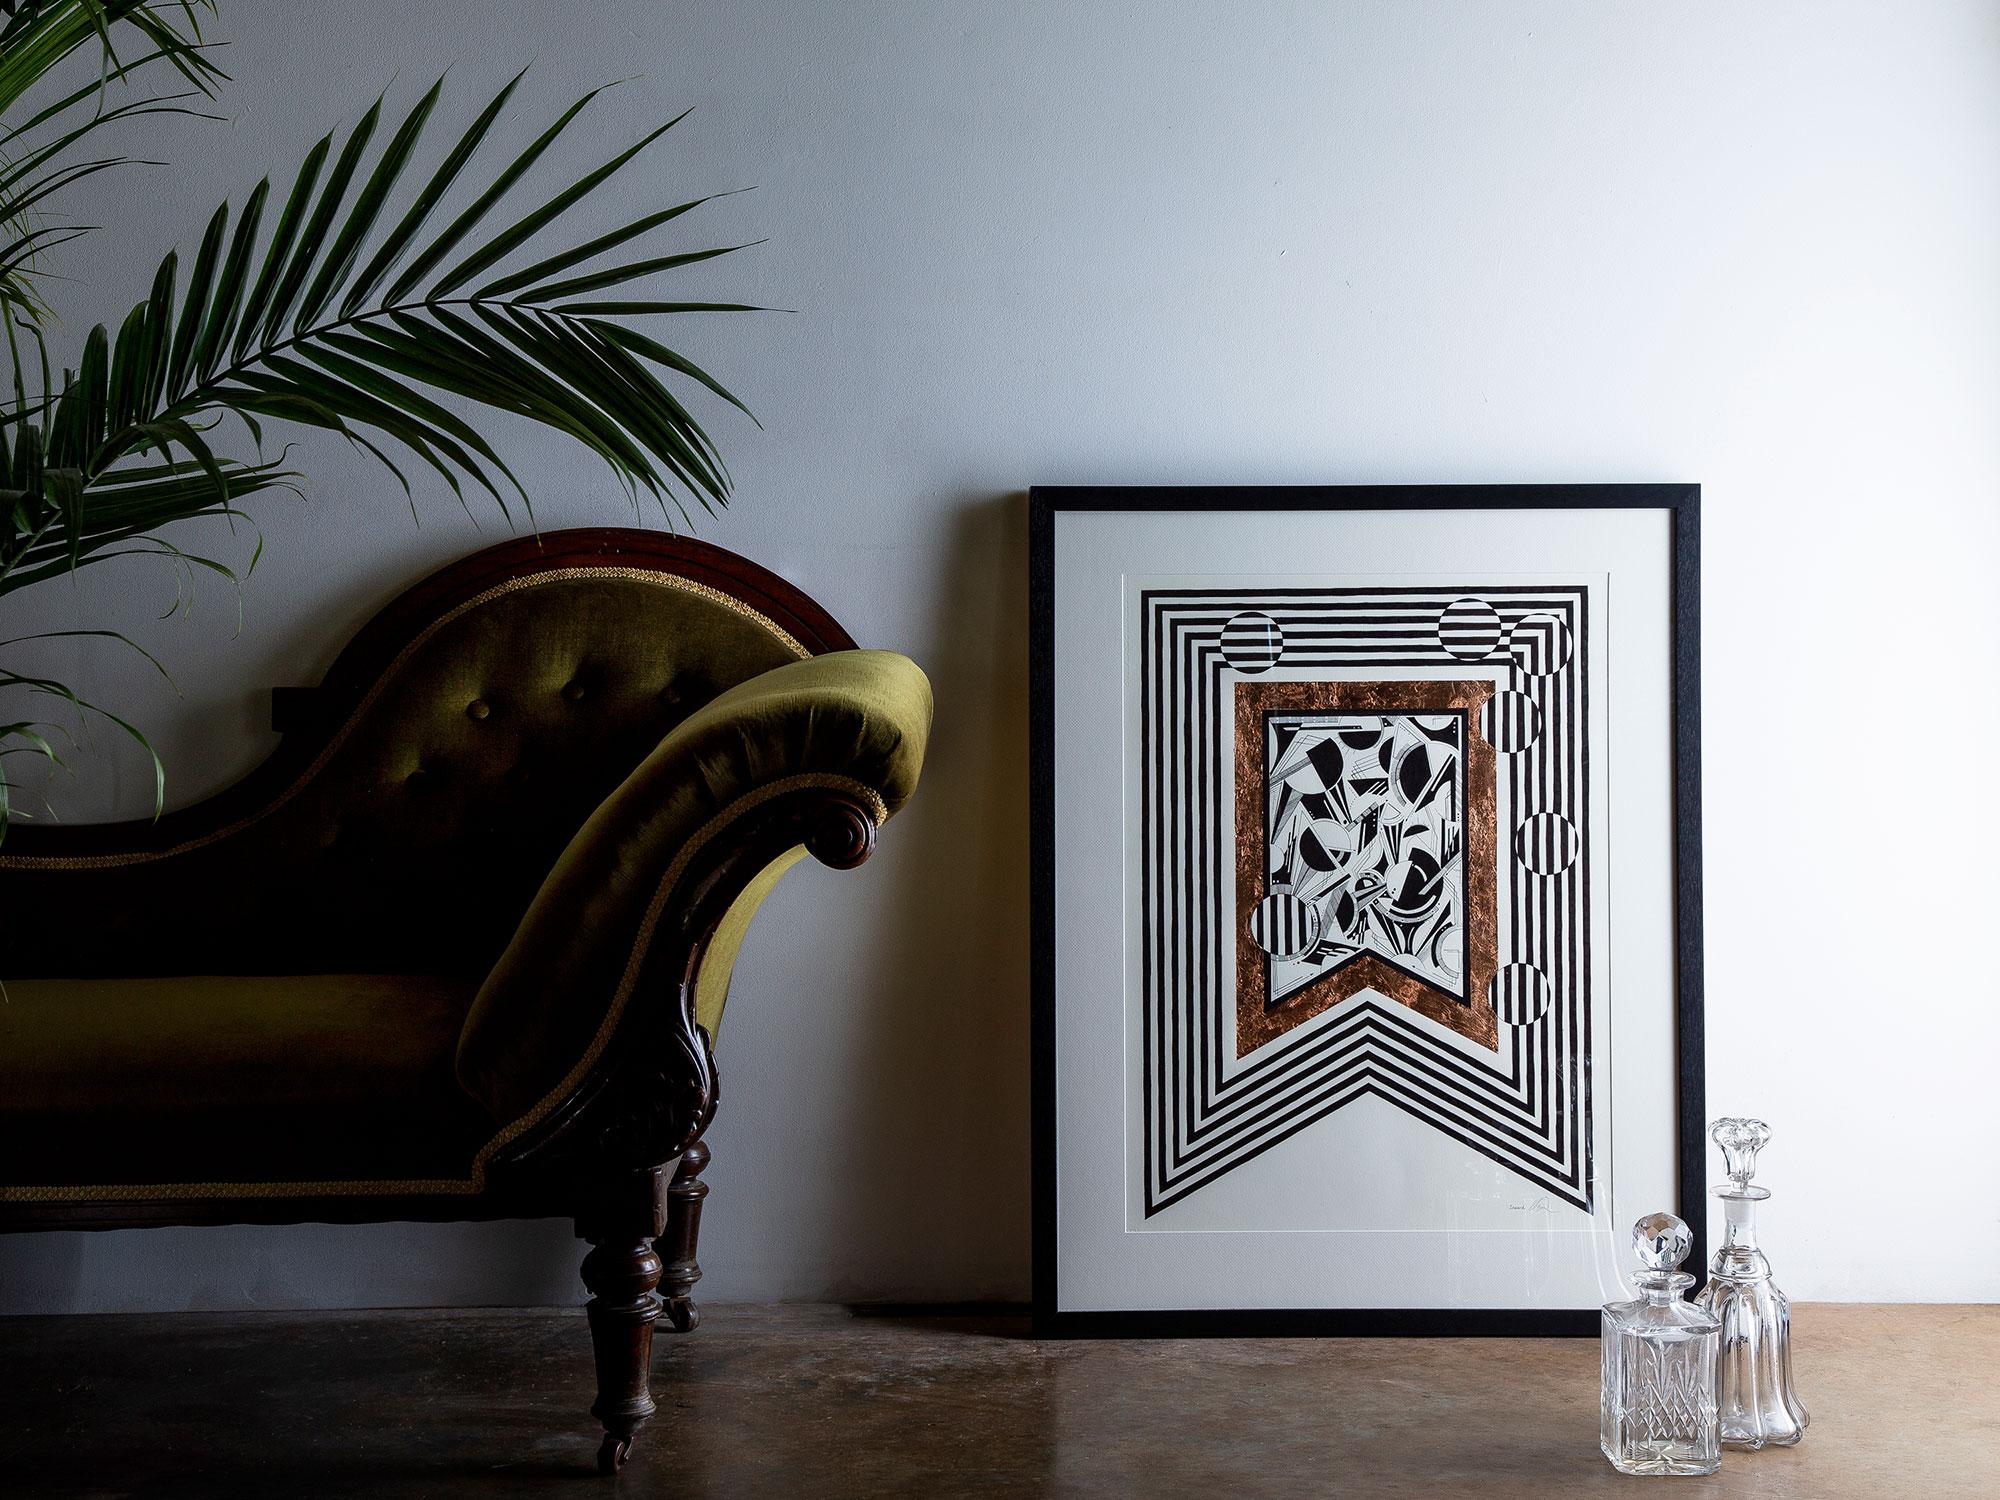 inward-contemporary-art-chrysa-koukoura